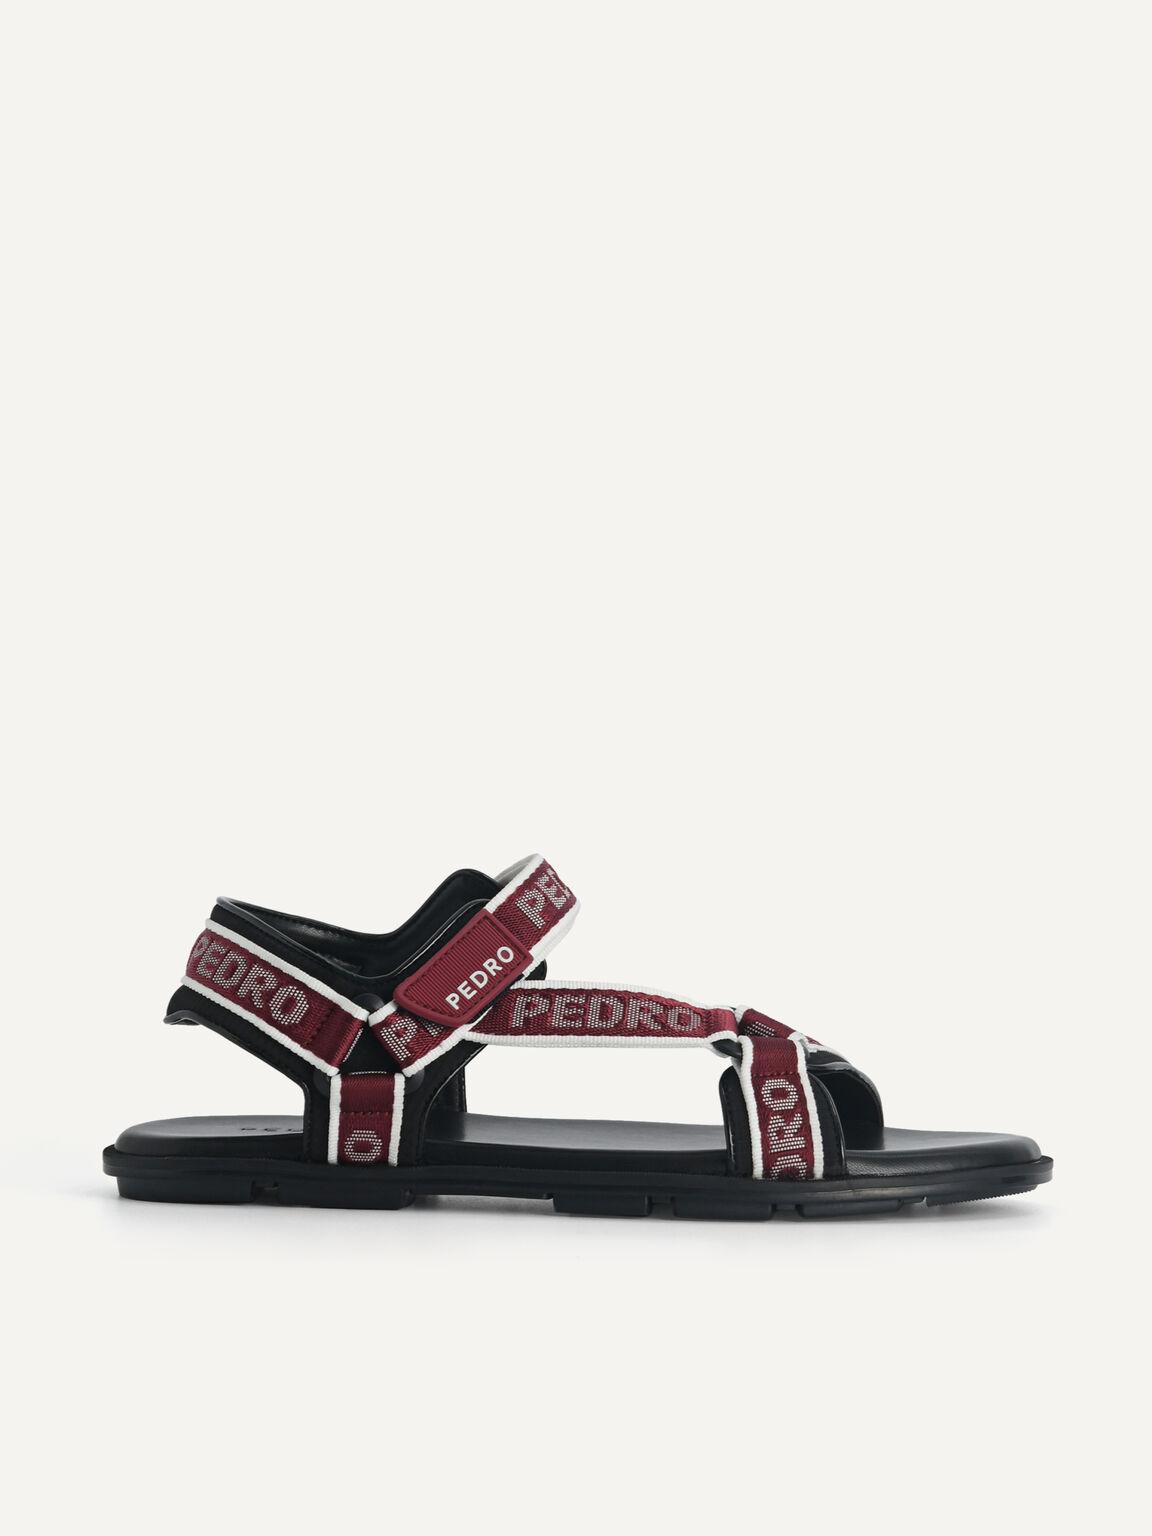 Nylon Velcro Sandals, Maroon, hi-res